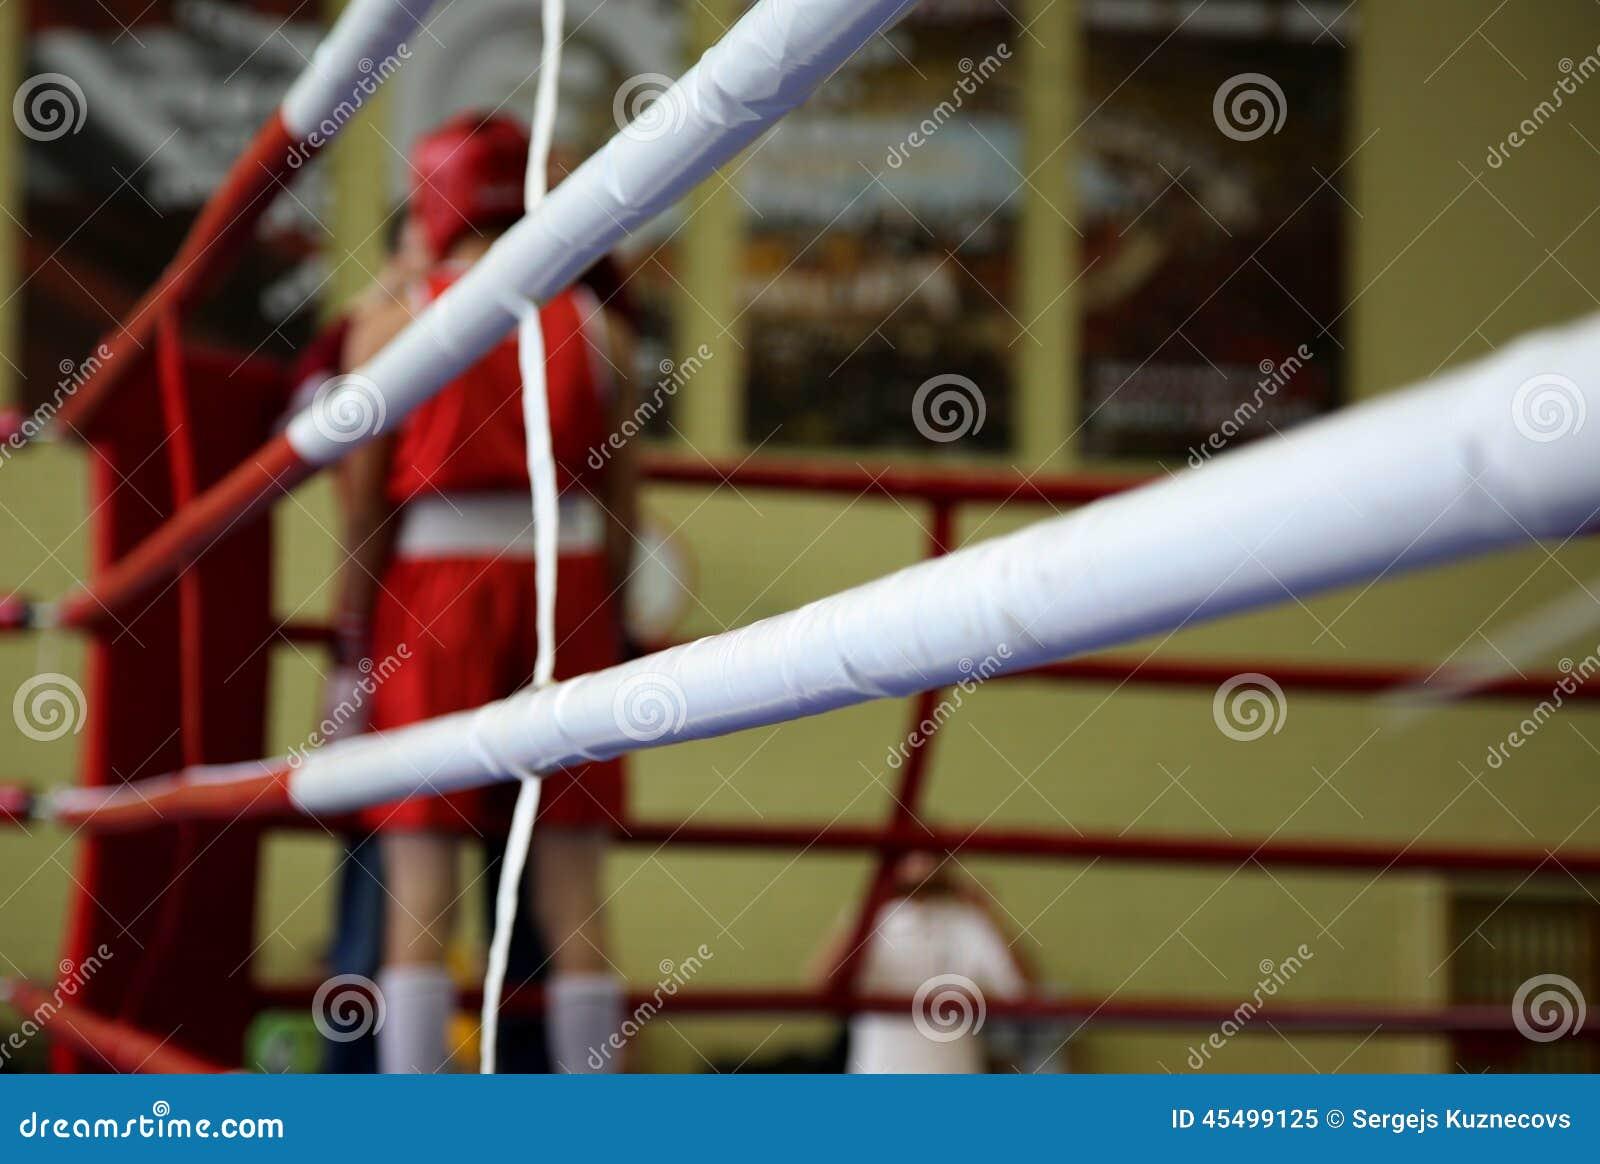 红色角落的拳击手